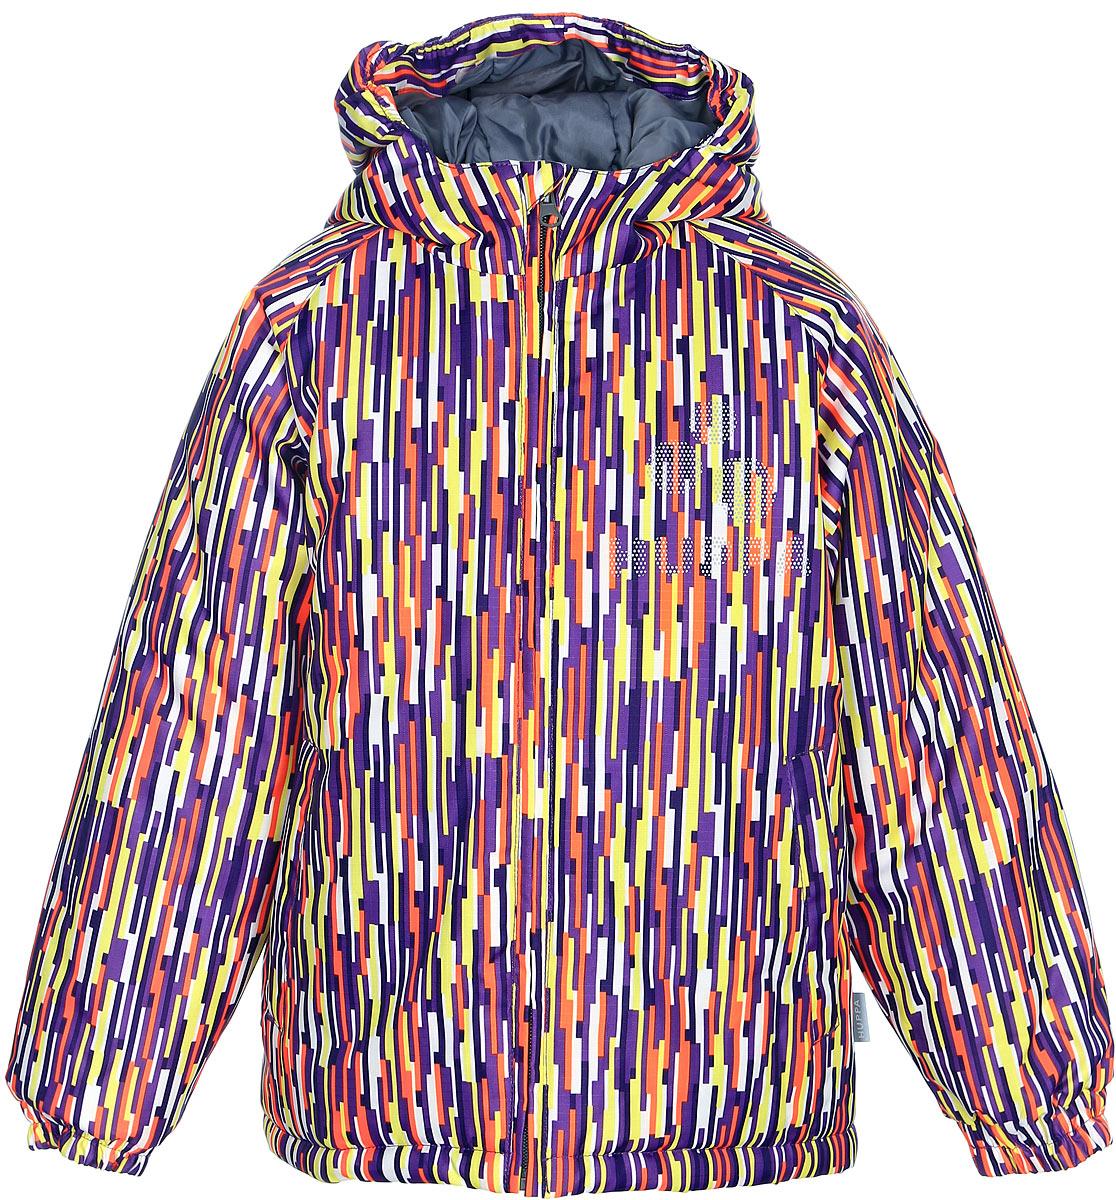 Куртка детская Huppa Classy, цвет: фиолетовый, желтый, белый. 17710030-520. Размер 14617710030-520Детская куртка Huppa изготовлена из водонепроницаемого полиэстера. Куртка с капюшоном застегивается на пластиковую застежку-молнию с защитой подбородка. Края капюшона и рукавов собраны на внутренние резинки. У модели имеются два врезных кармана. Изделие дополнено светоотражающими элементами.